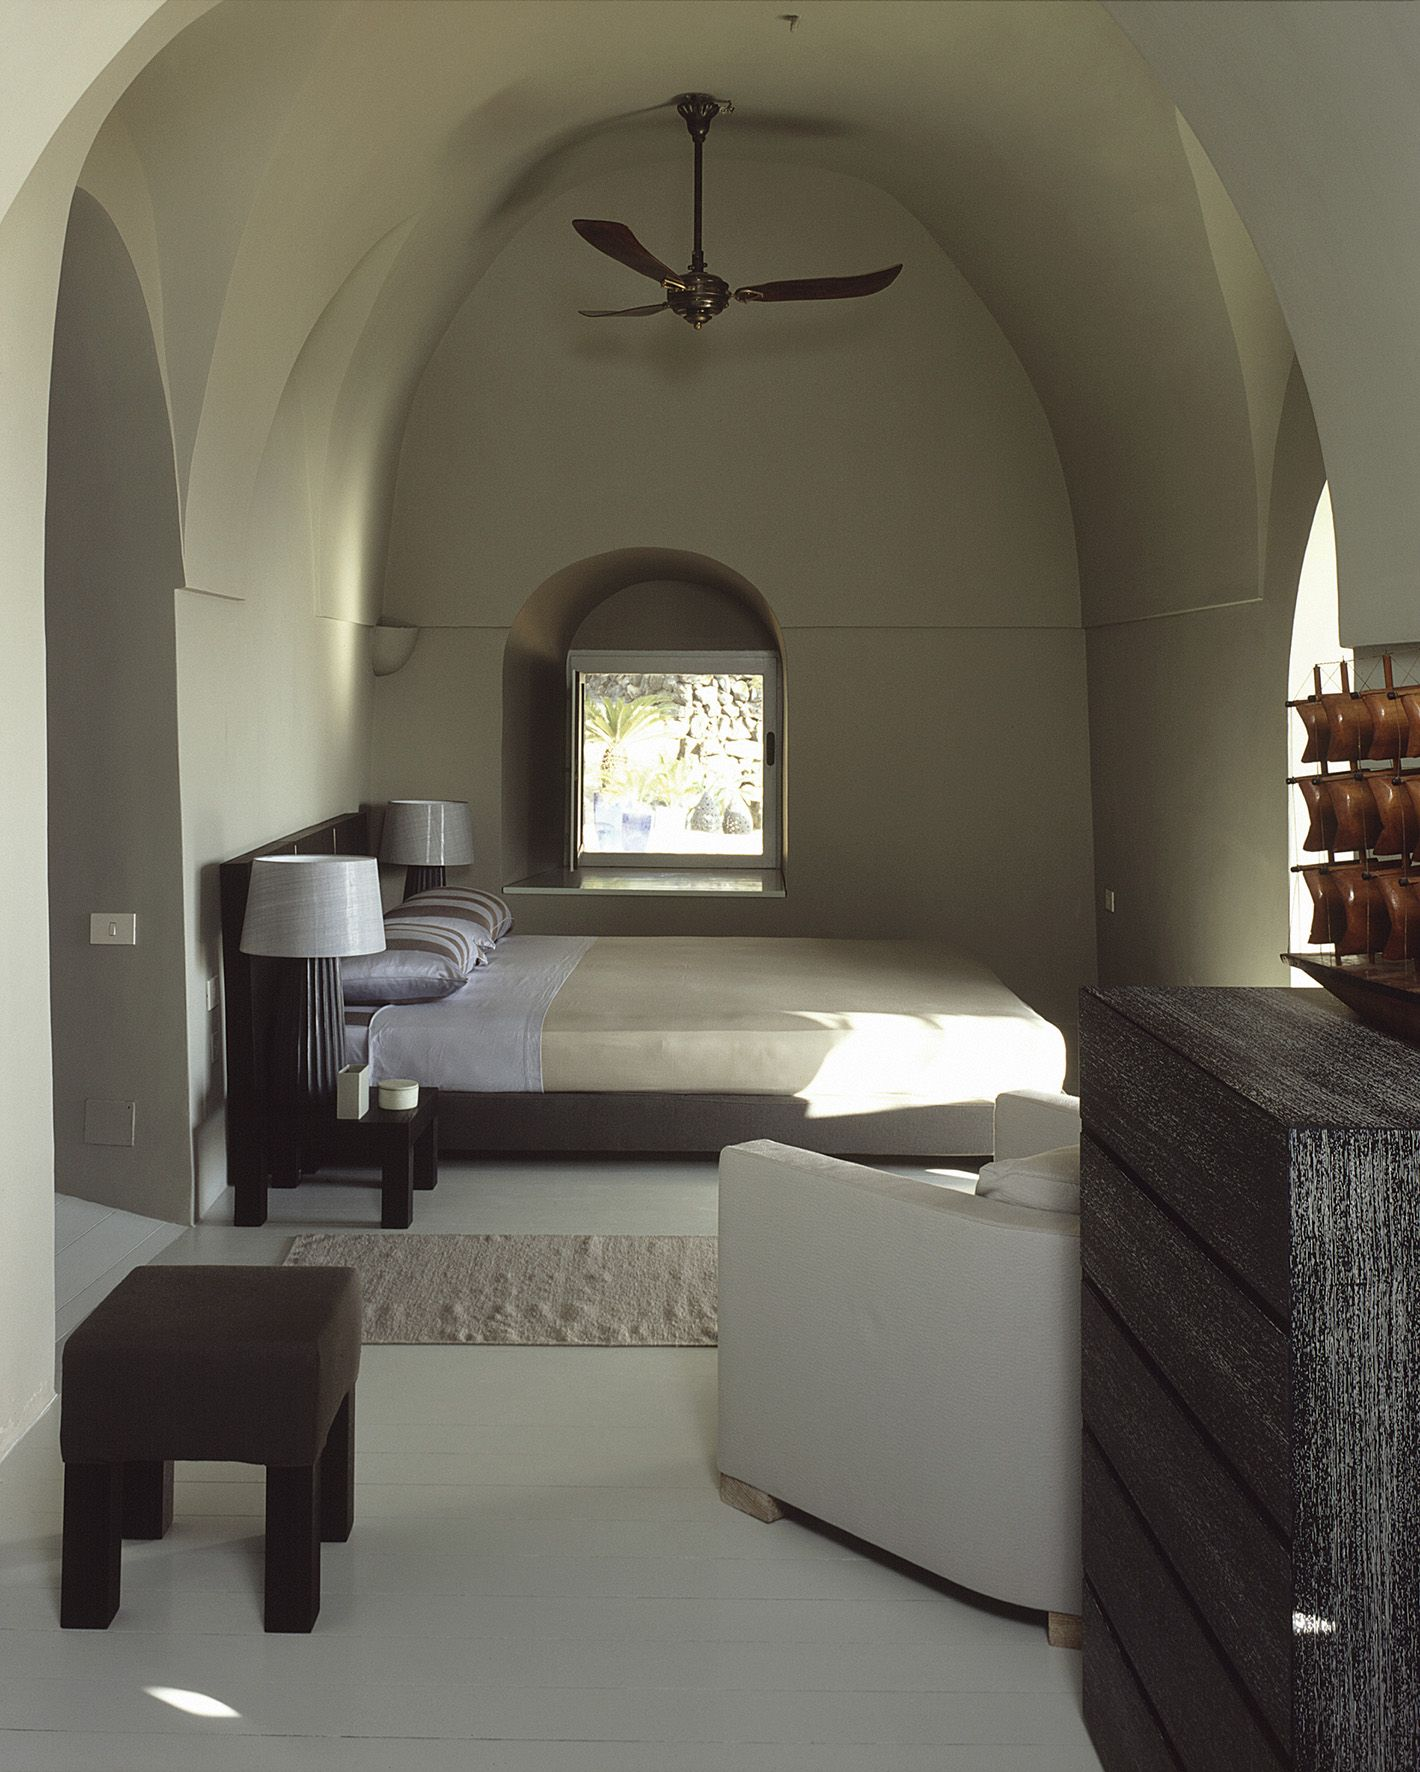 #Atribute to Design: Giorgio Armani's home in Pantelleria. Photo by Richard Bryant. More on Armani.com/Atribute